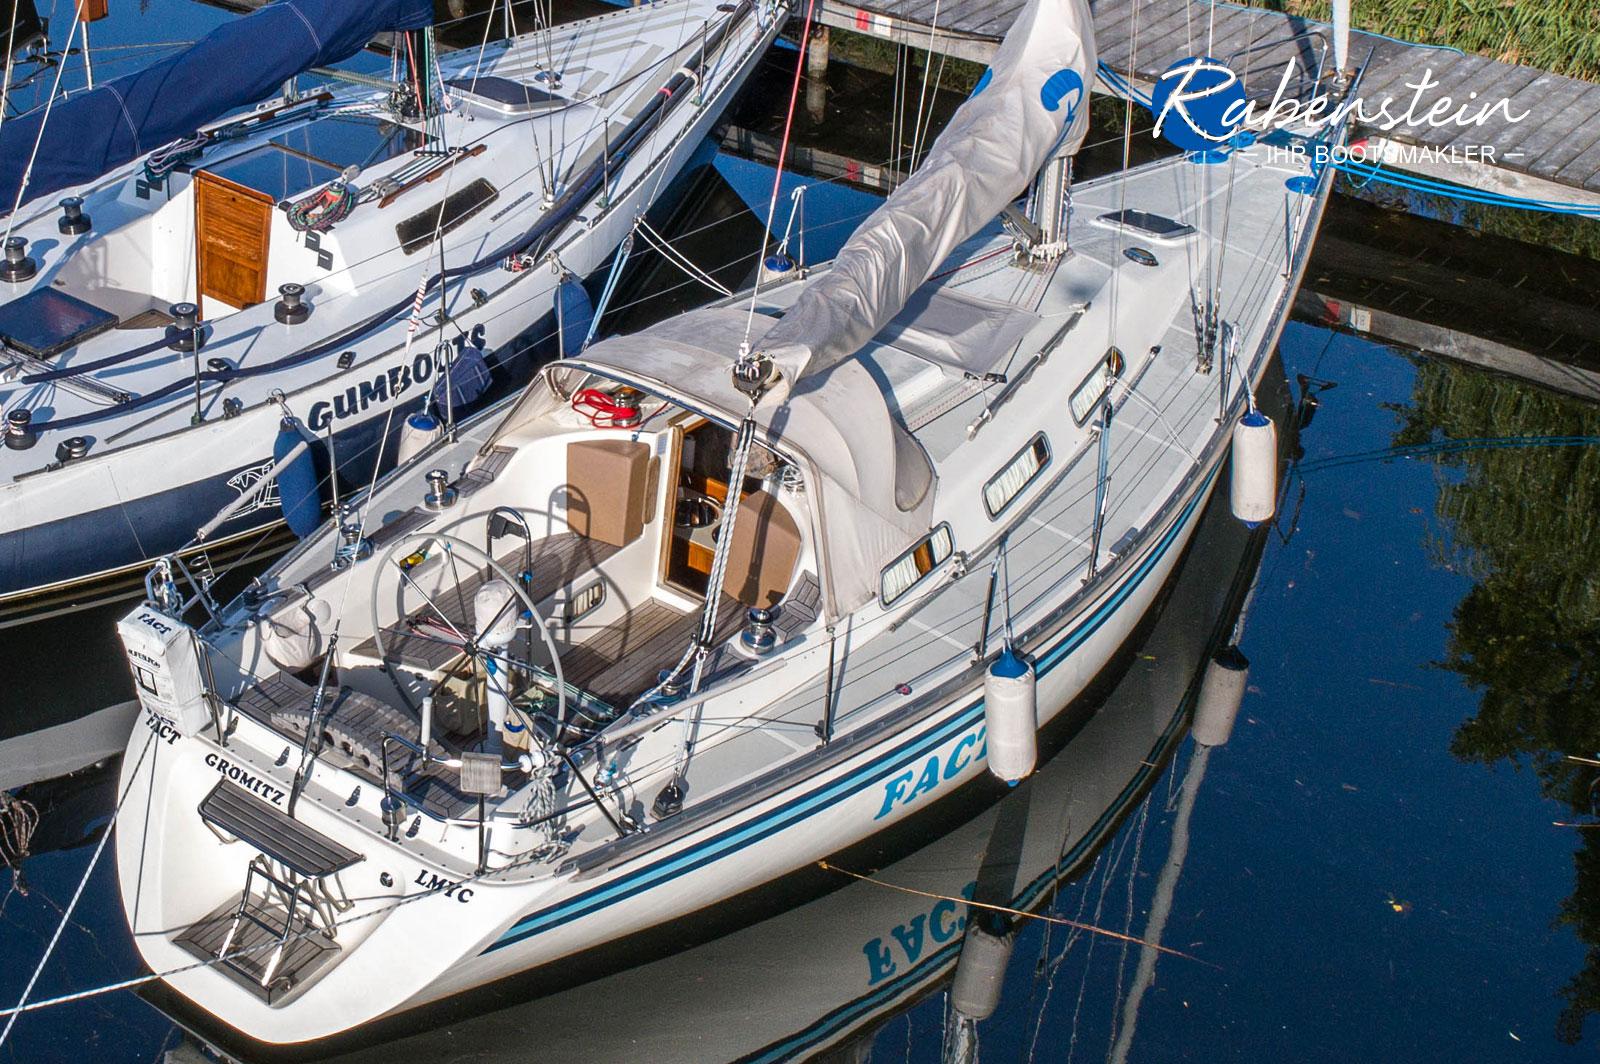 Diese Bianca 360 steht zum Verkauf, hier die Ansicht von oben.